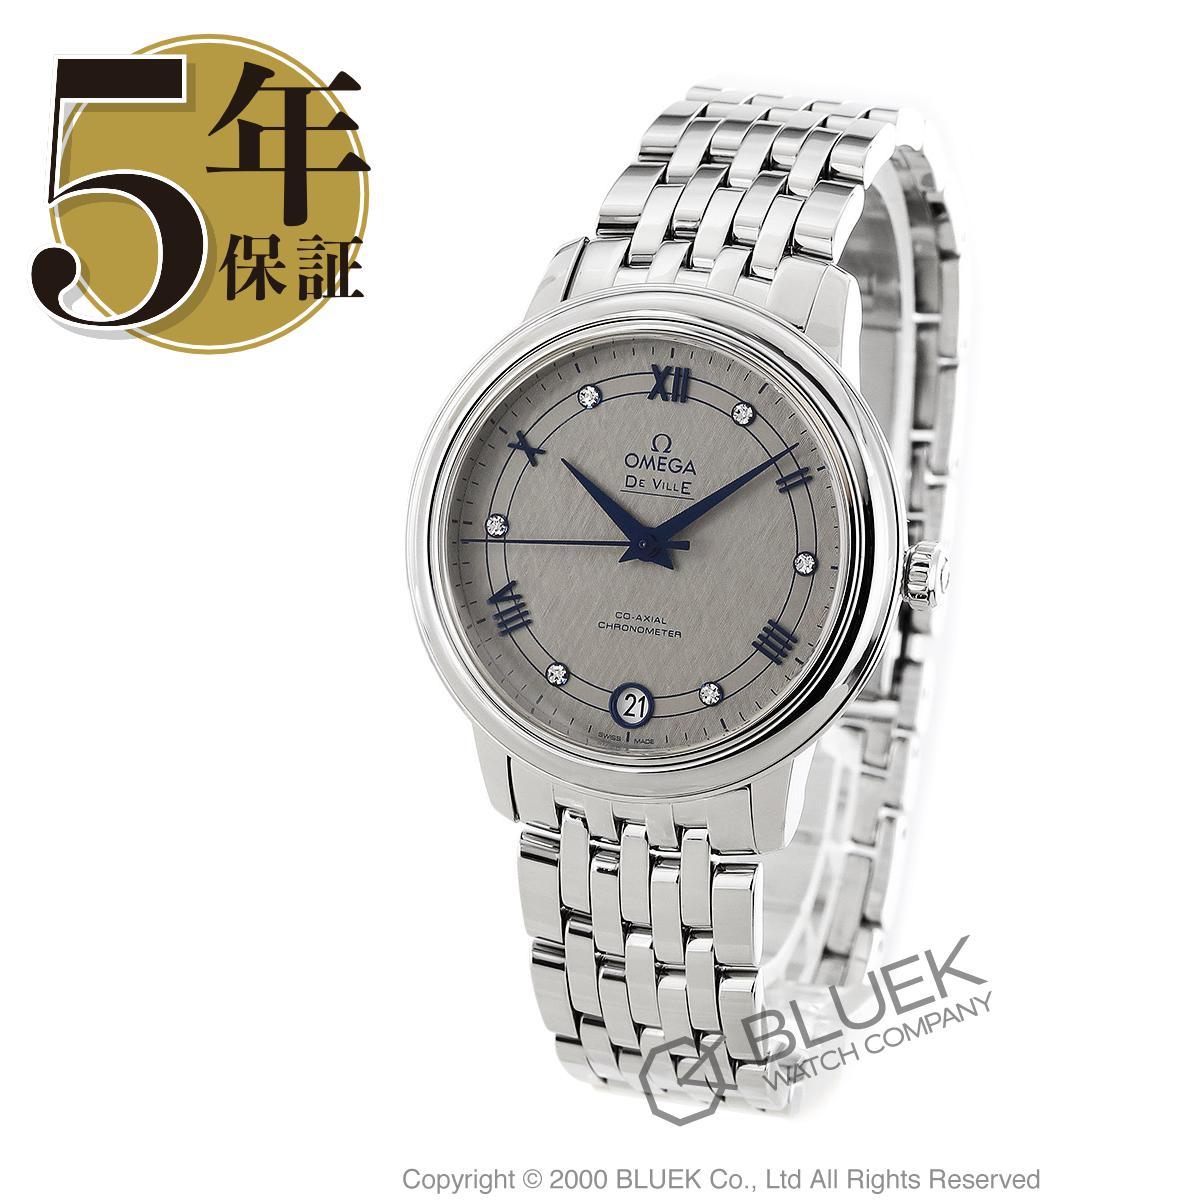 オメガ デビル プレステージ ダイヤ 腕時計 レディース OMEGA 424.10.33.20.56.002_5